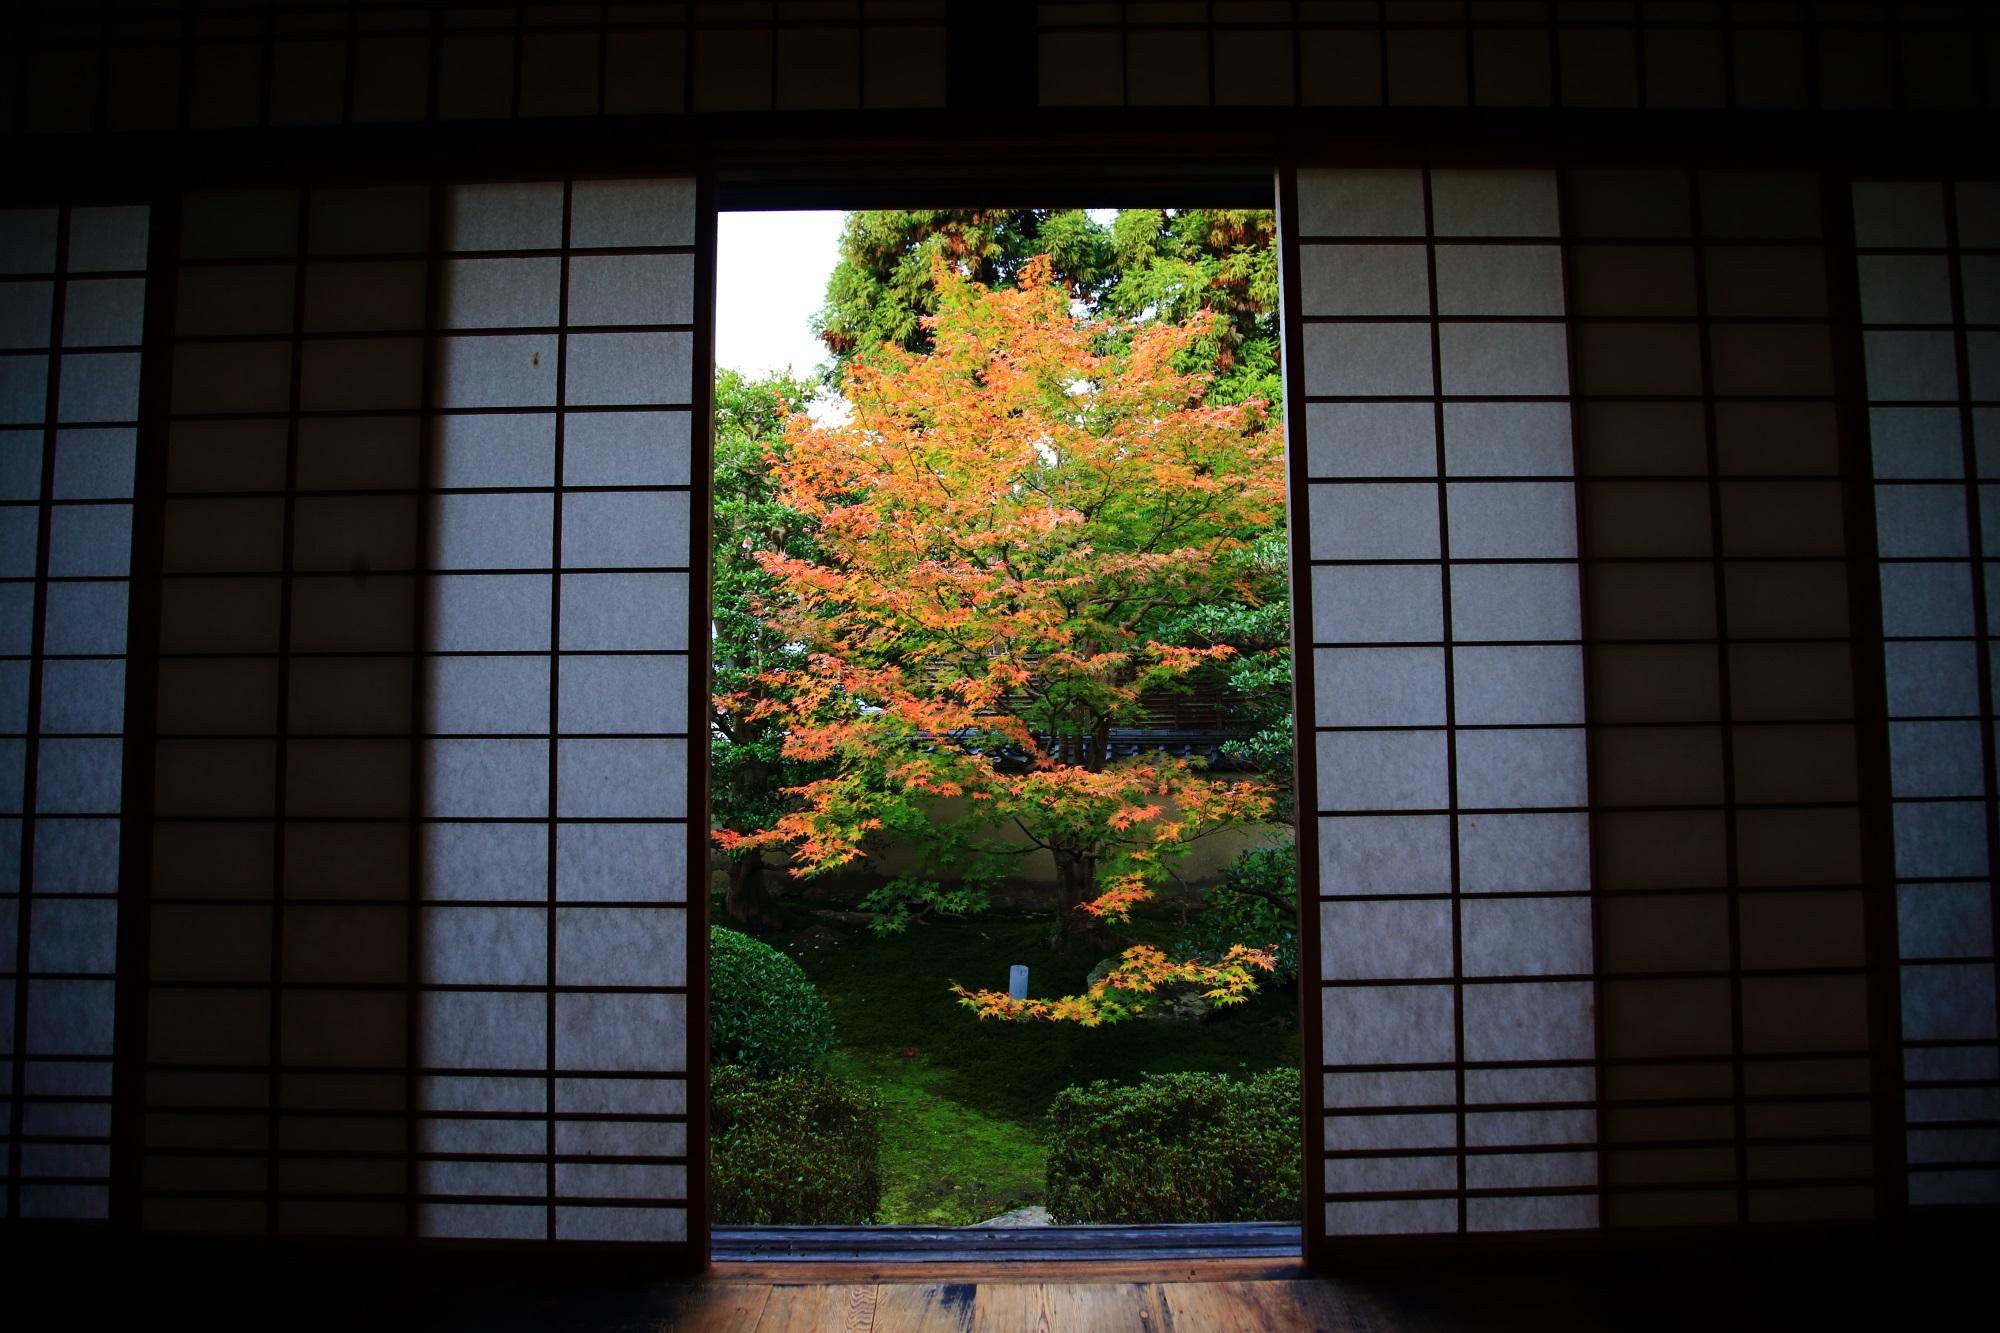 泉涌寺別院の雲龍院の書院悟之間から眺めた紅葉 11月20日